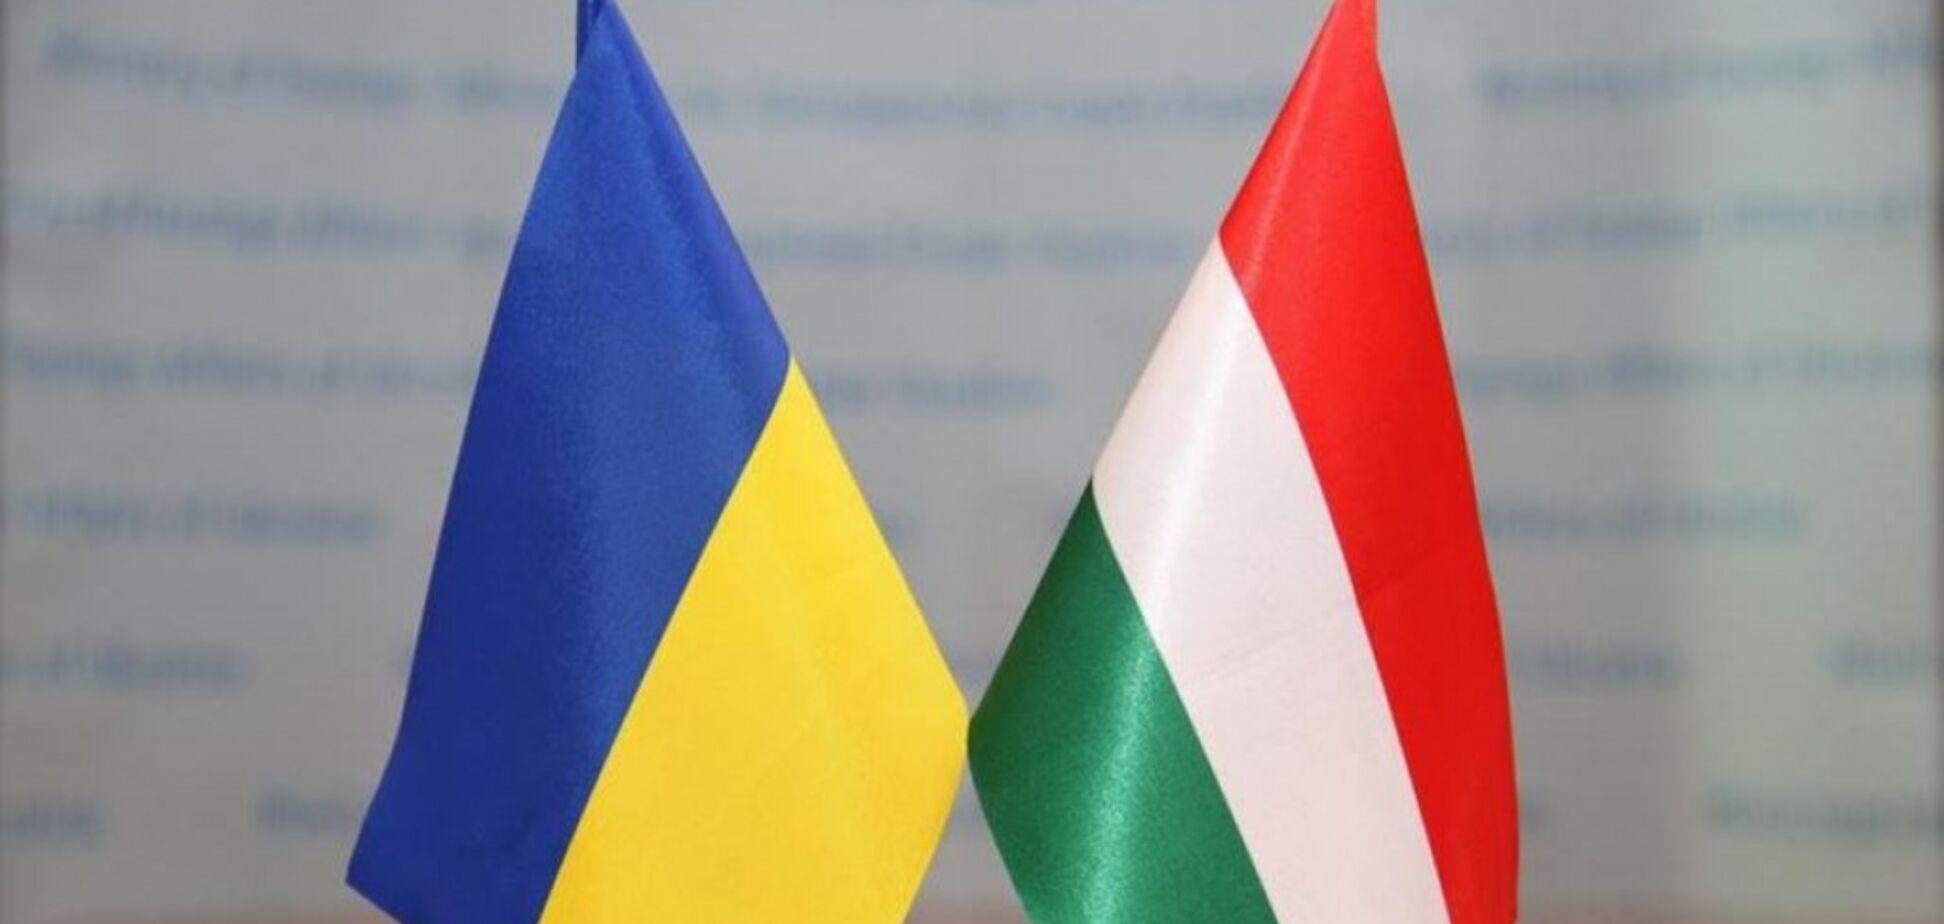 Новая провокация Венгрии: украинцы дали оценку действиям соседа